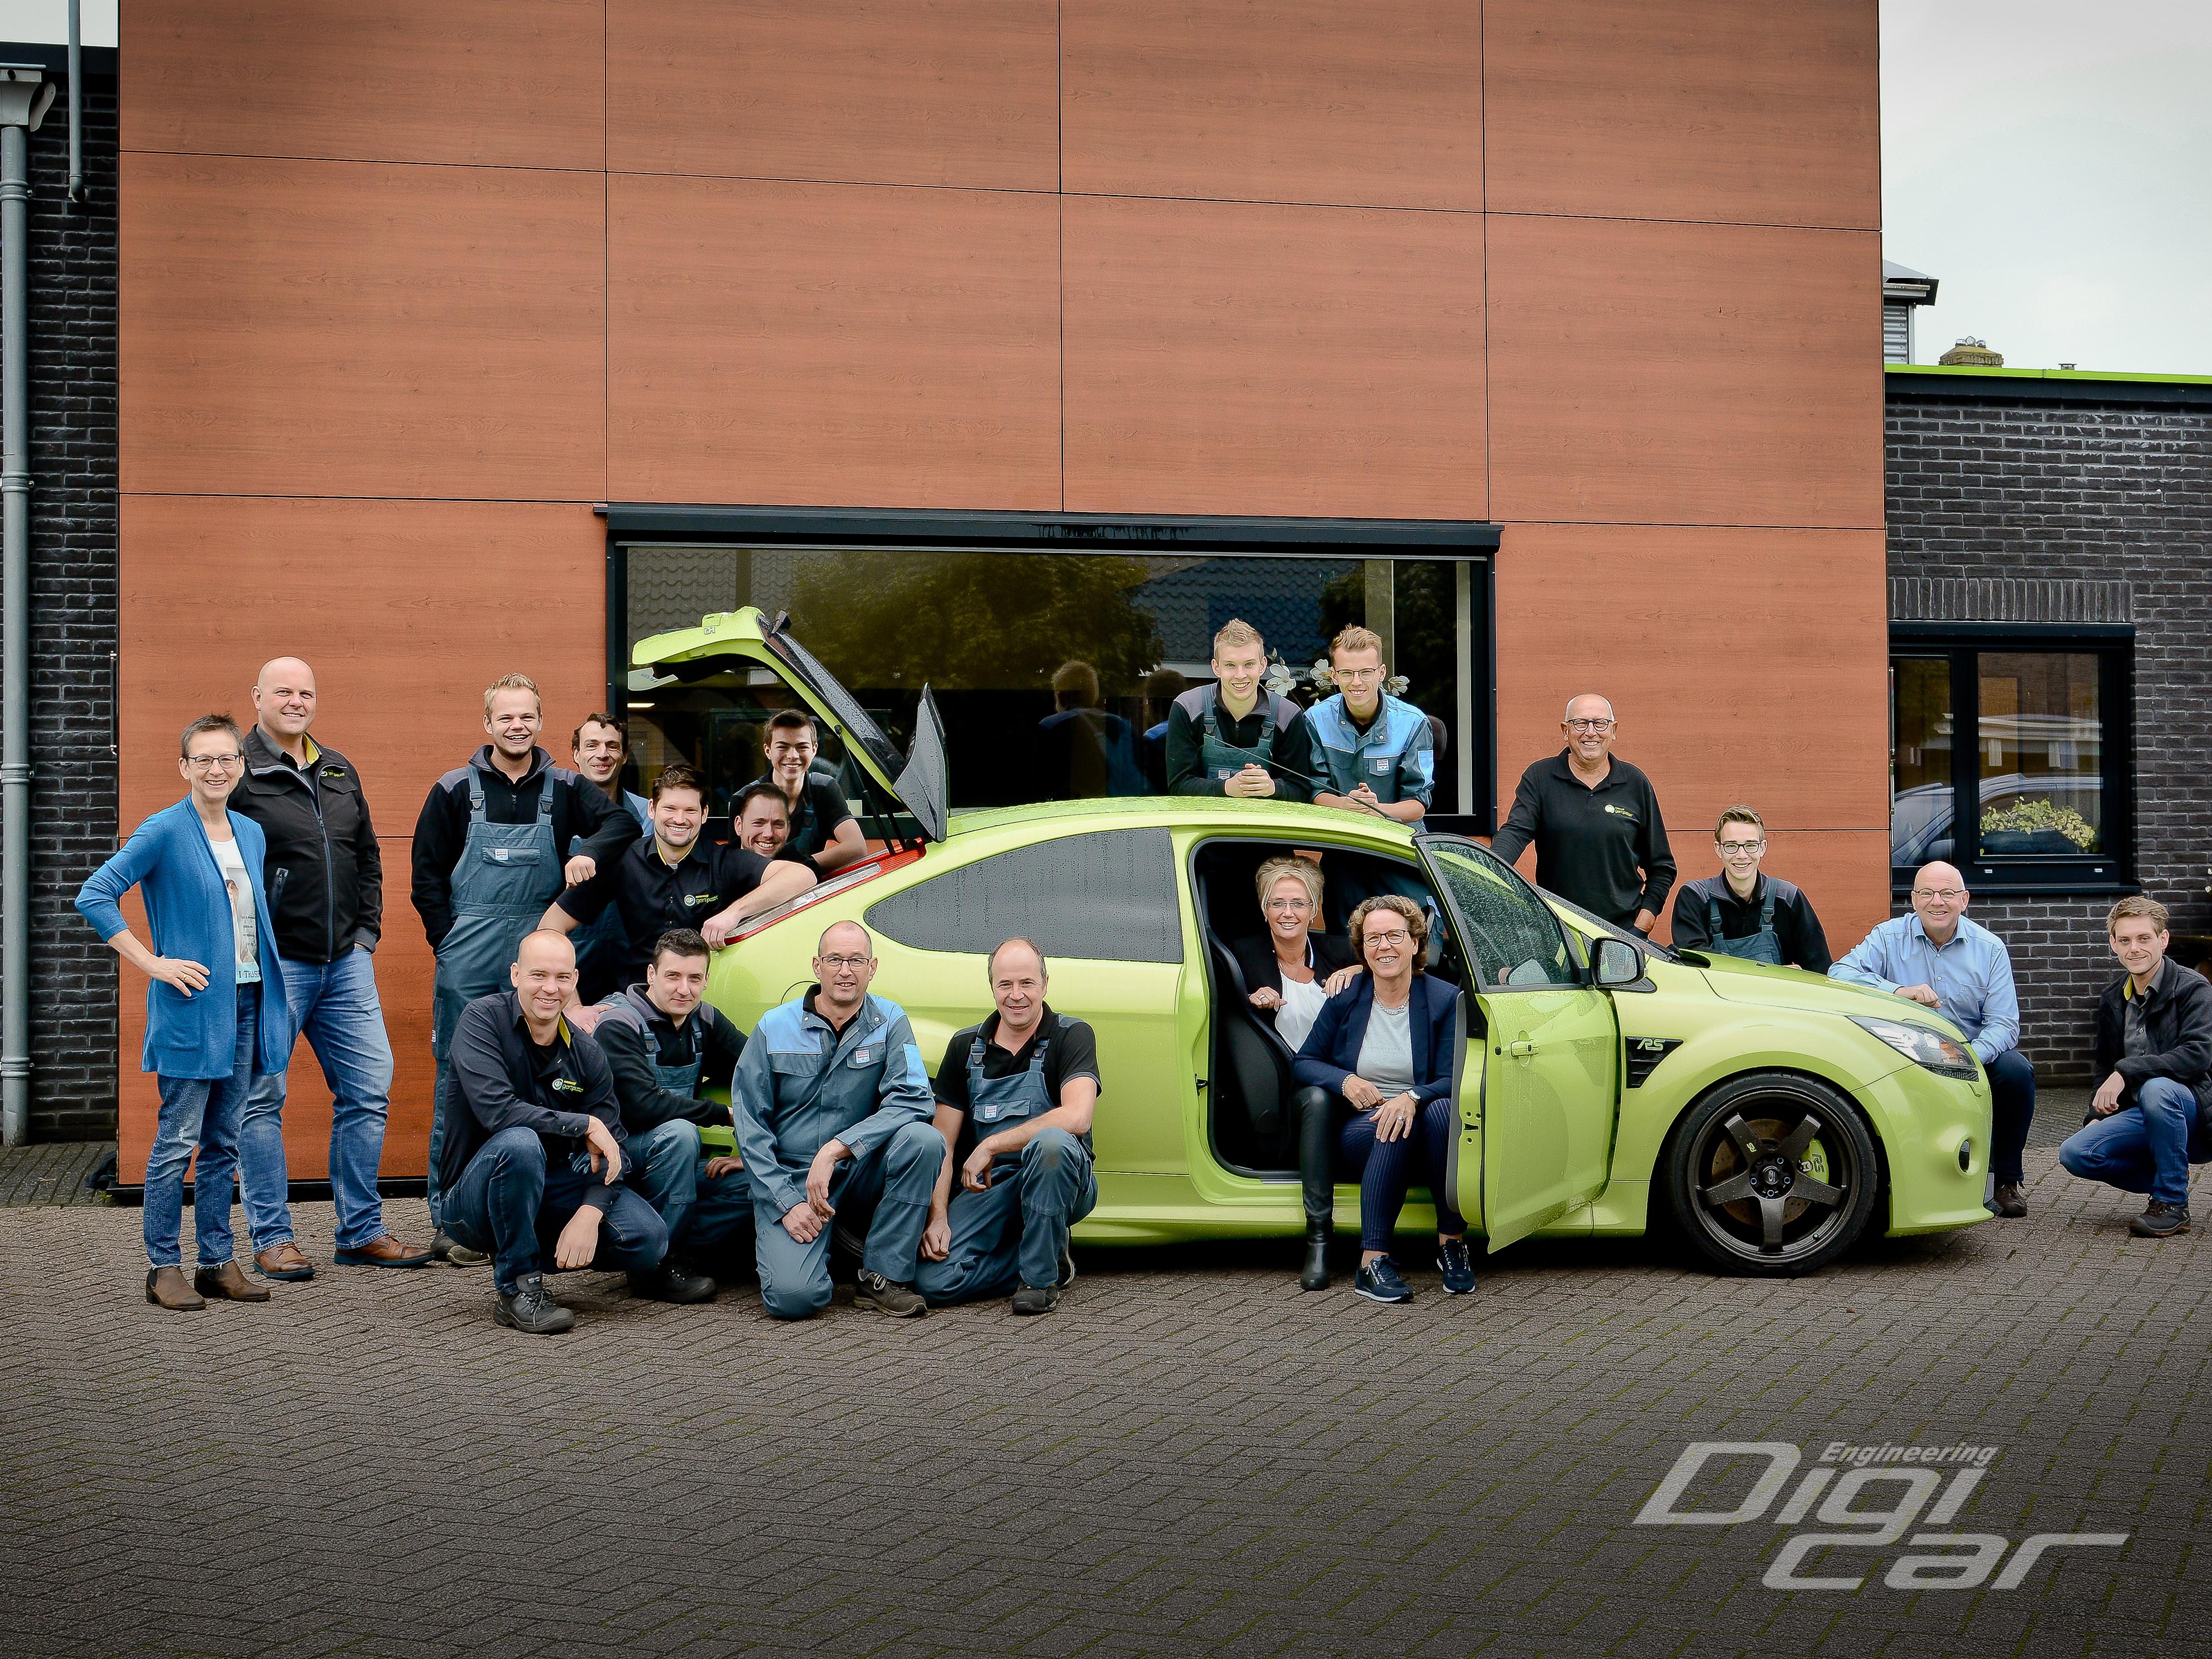 Autobedrijf-Gert-Pater-Teamfoto.jpg